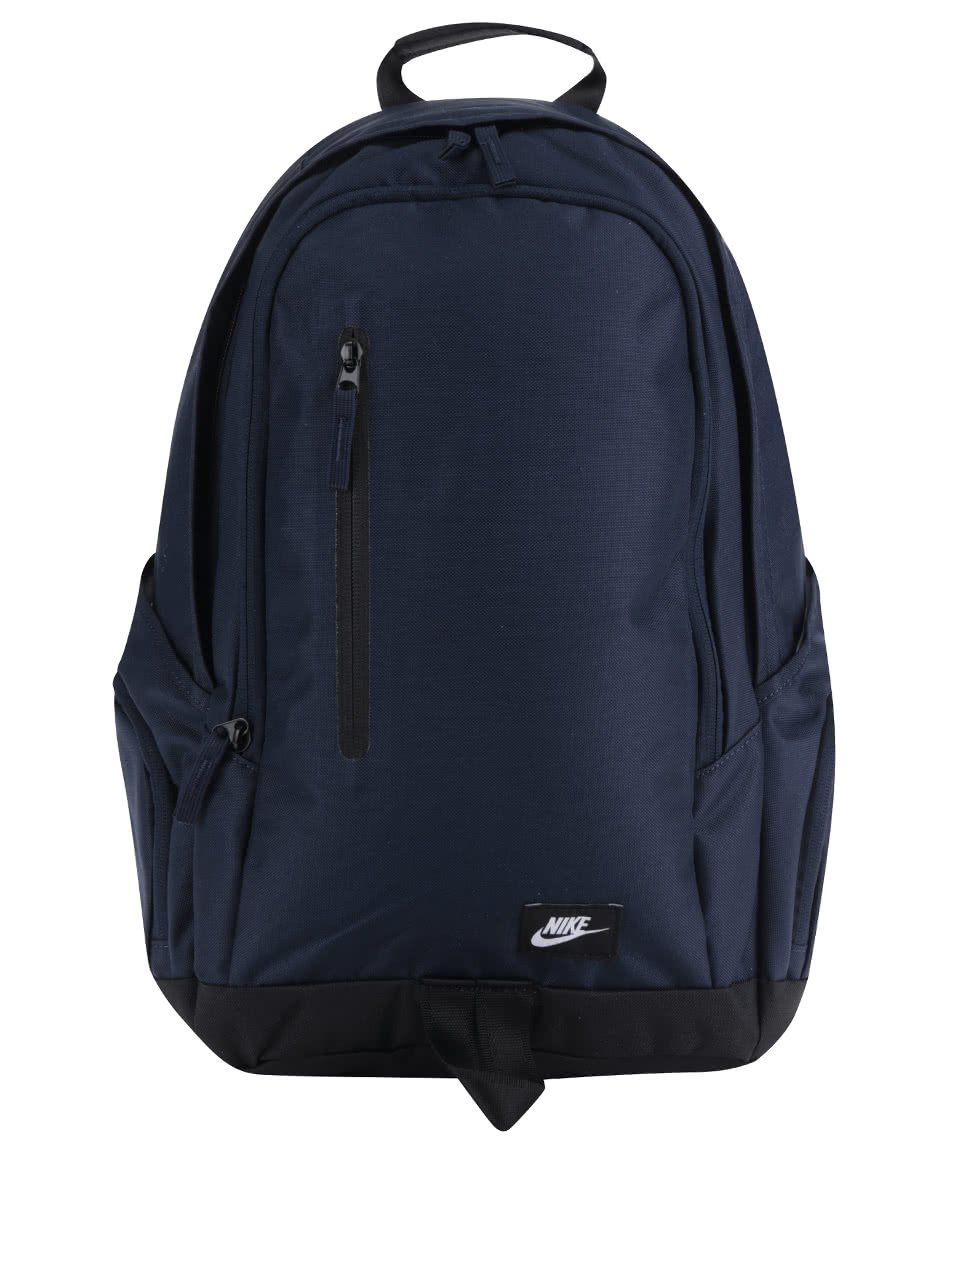 Tmavě modrý unisex batoh Nike 26 l